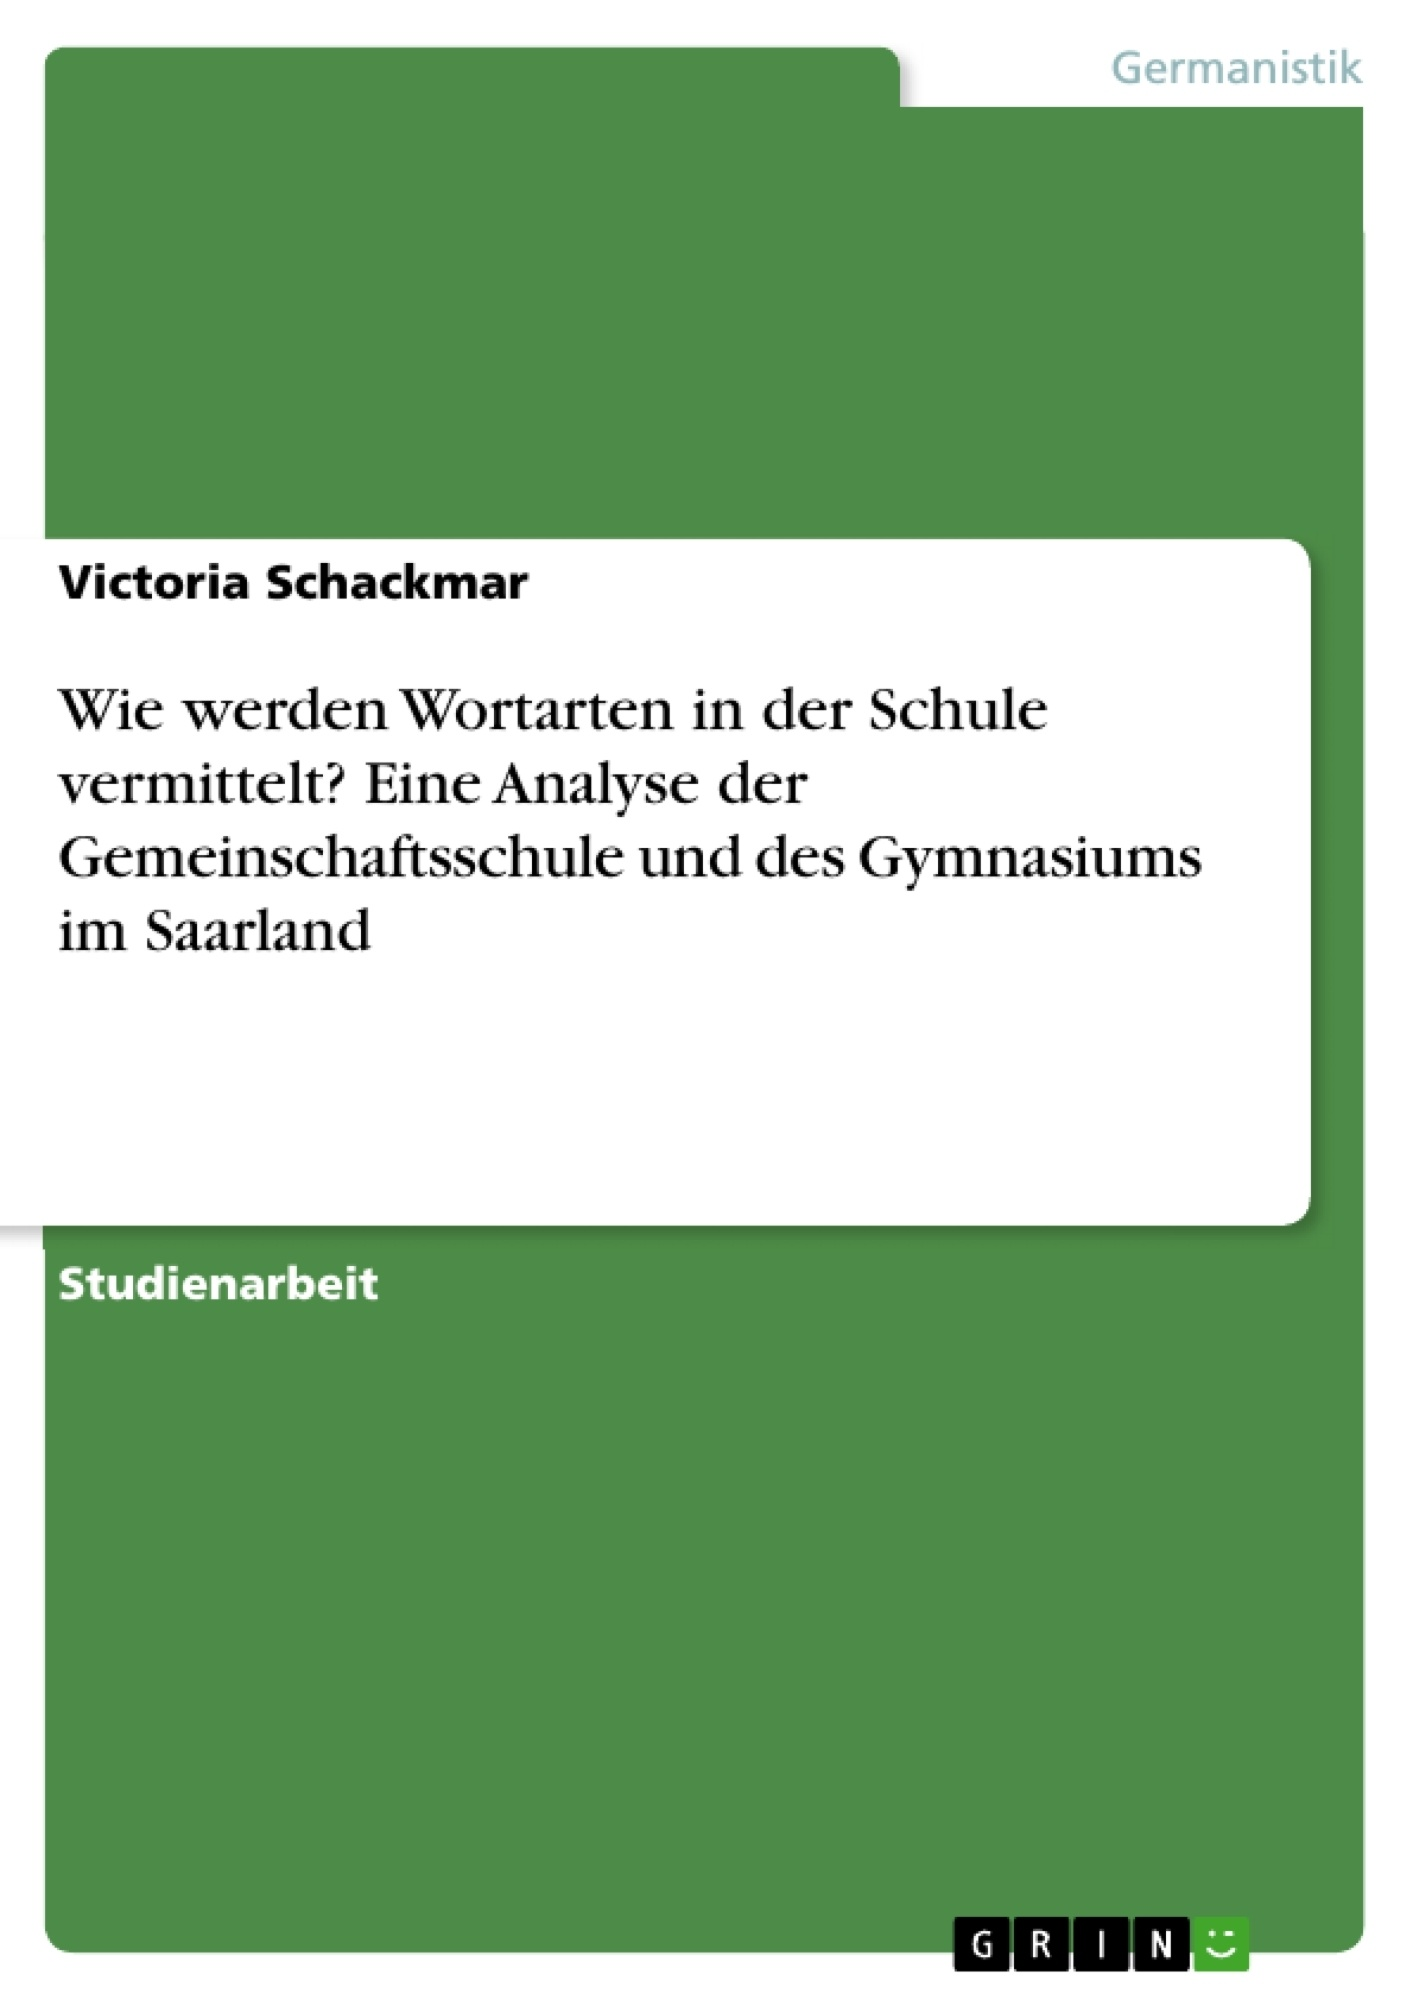 Titel: Wie werden Wortarten in der Schule vermittelt? Eine Analyse der Gemeinschaftsschule und des Gymnasiums im Saarland